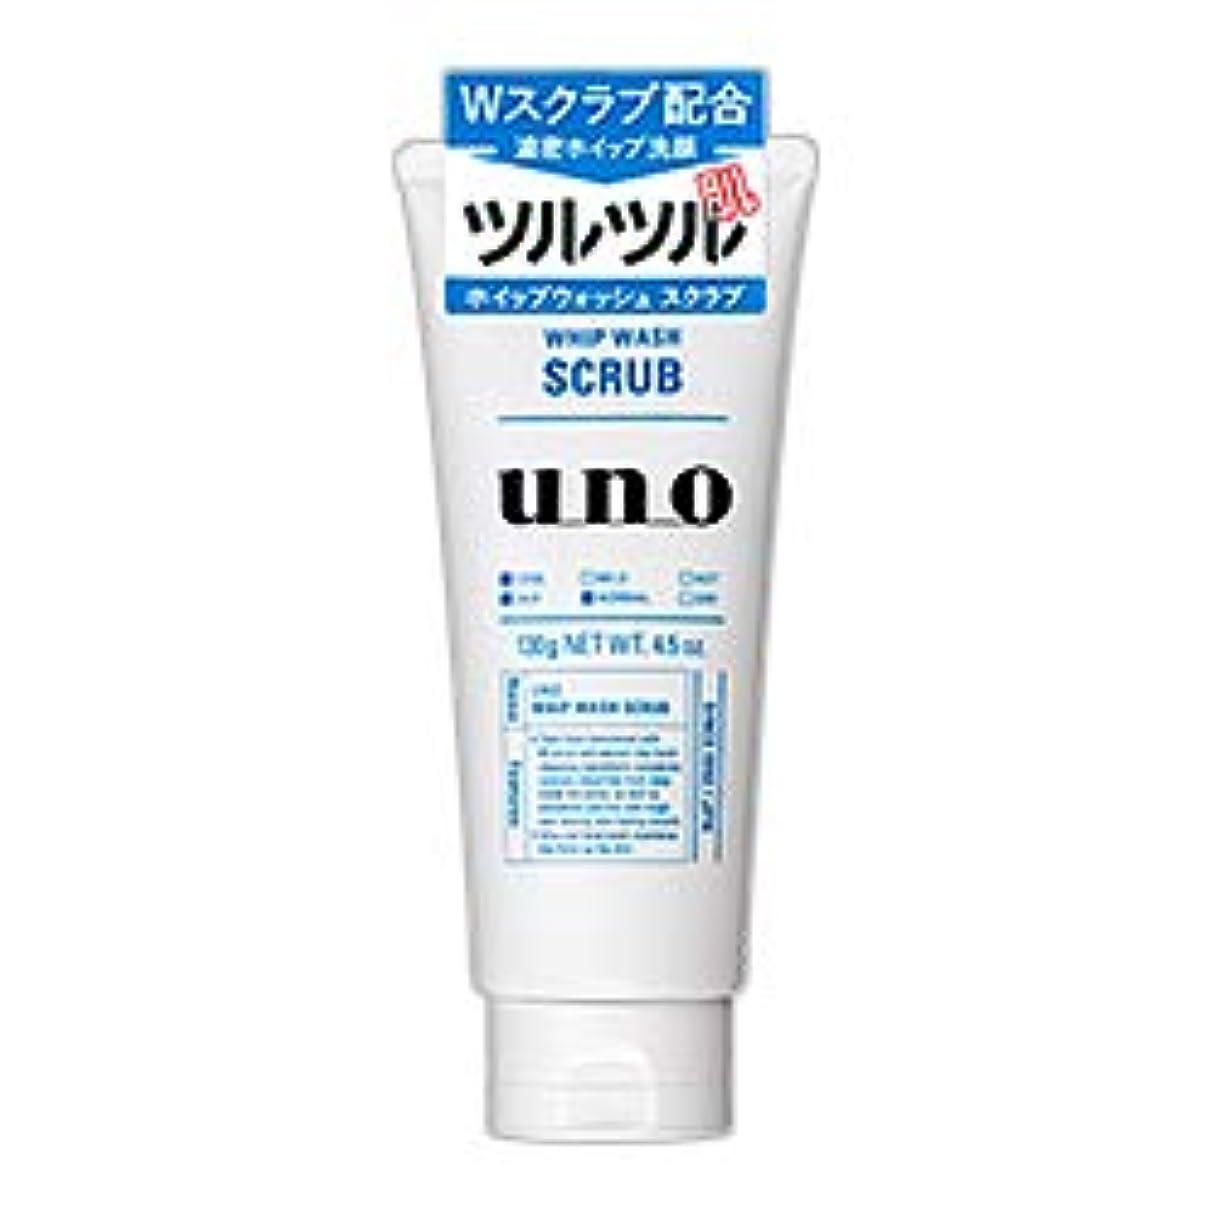 乳白色実り多いポインタ【資生堂】ウーノ(uno) ホイップウォッシュ (スクラブ) 130g ×4個セット